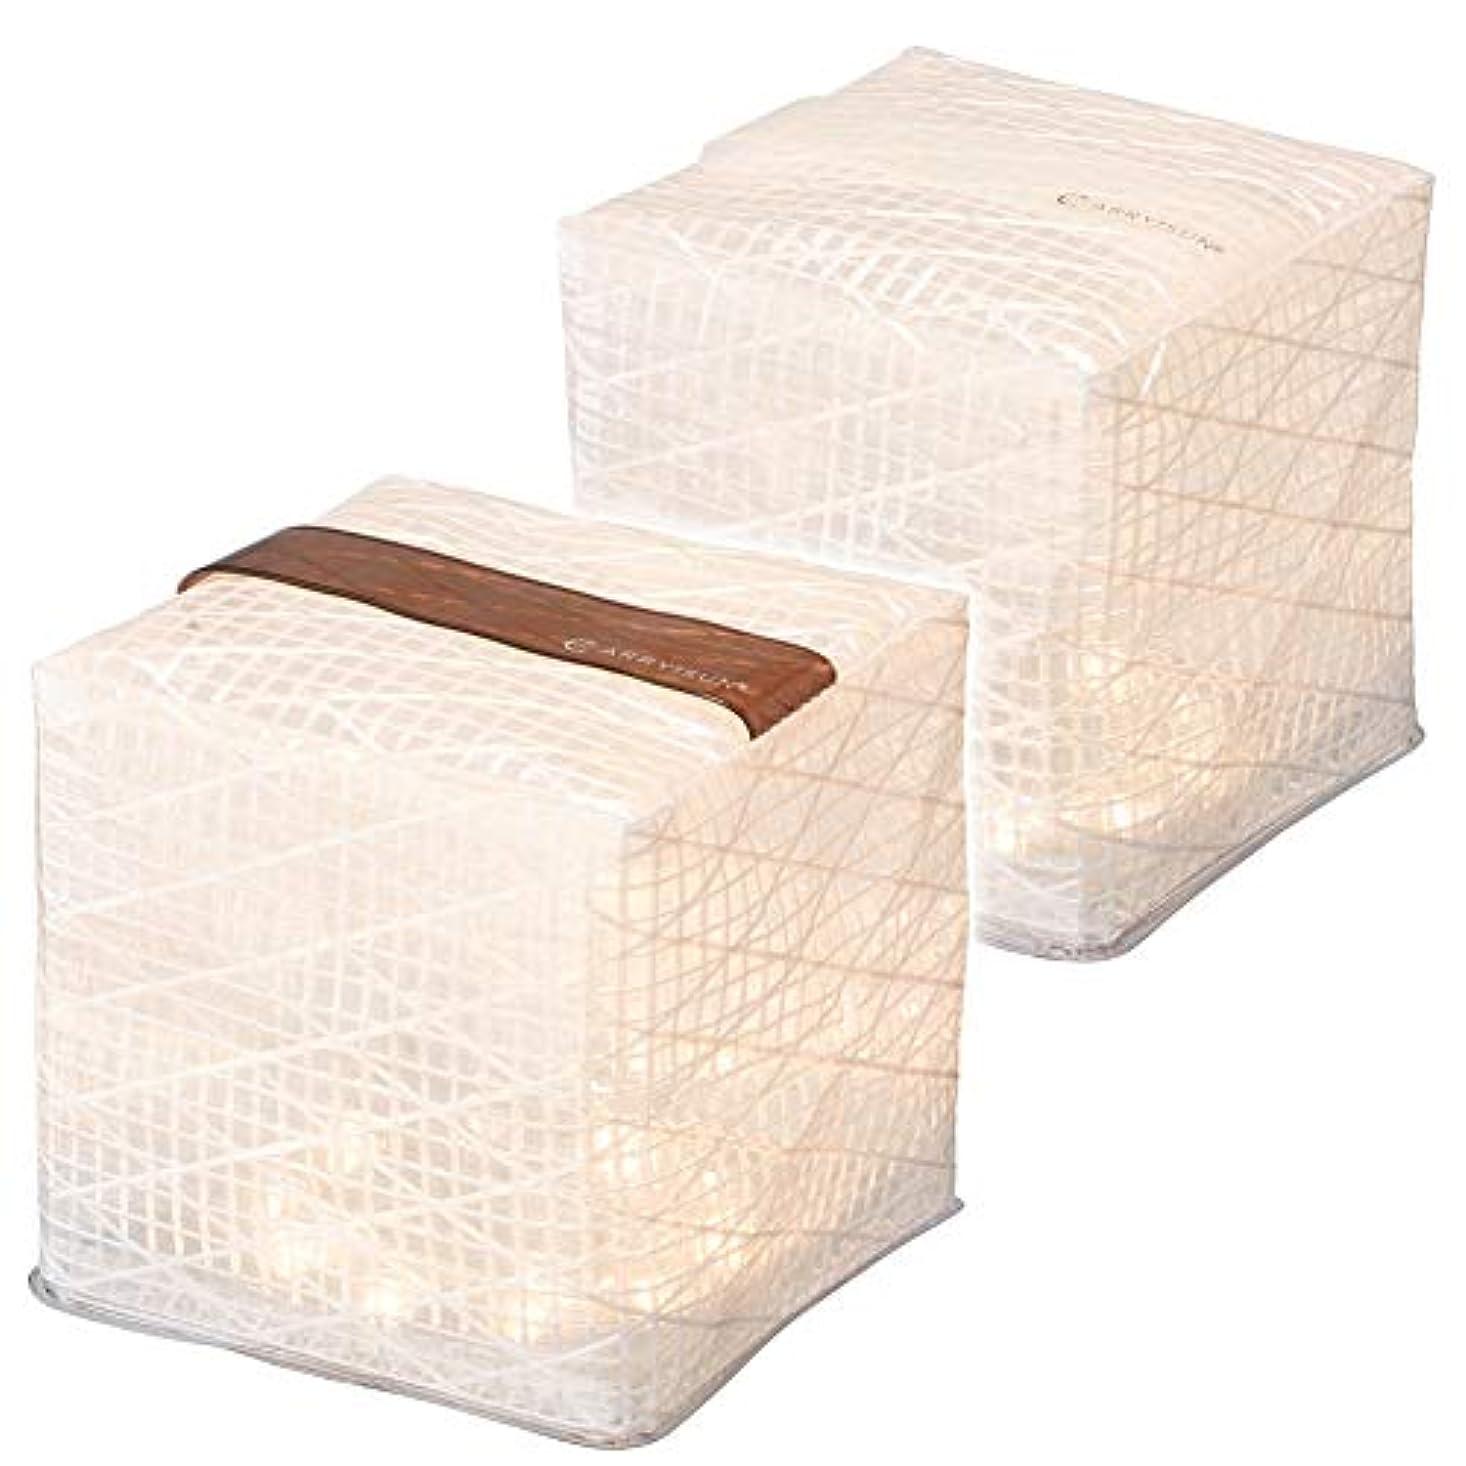 床を掃除する洗練されたボックス【2個セット】 CARRY THE SUN キャリー?ザ?サン/ミディアムサイズ/ウォームライト(暖色ライト)